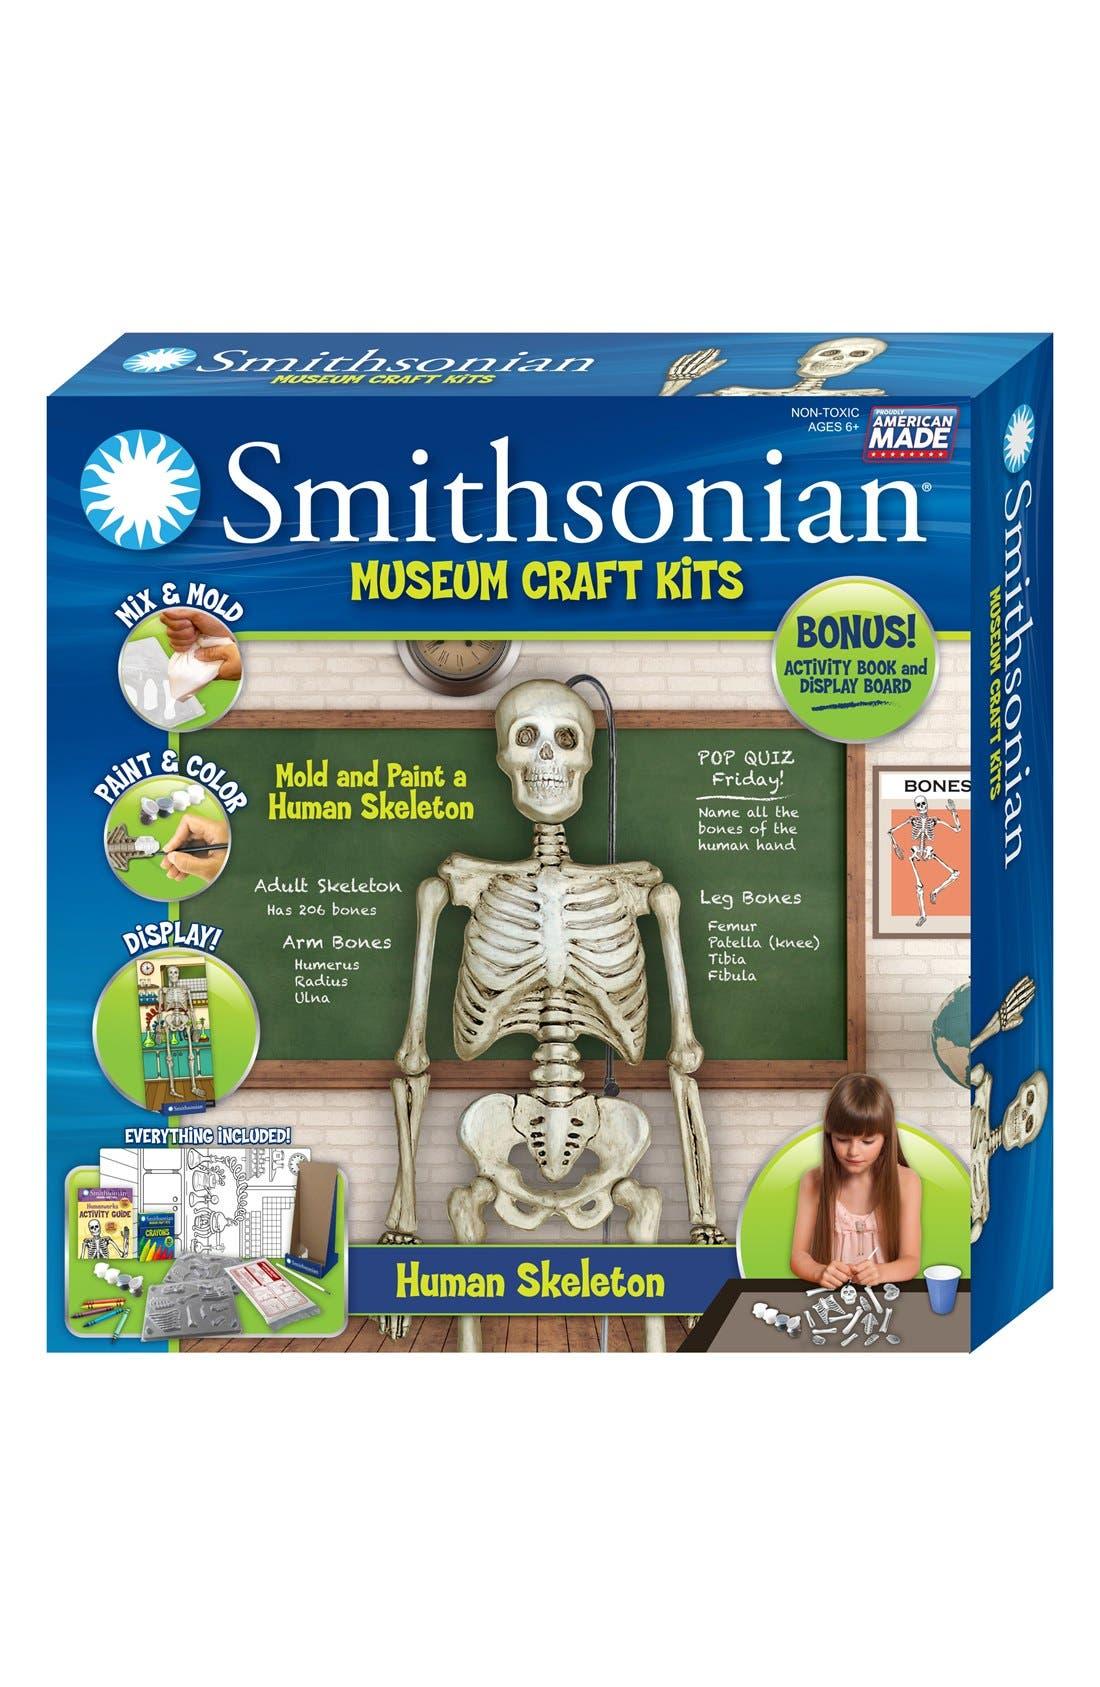 SMITHSONIAN CRAFT KITS 'Smithsonian Museum - Skeleton' Craft